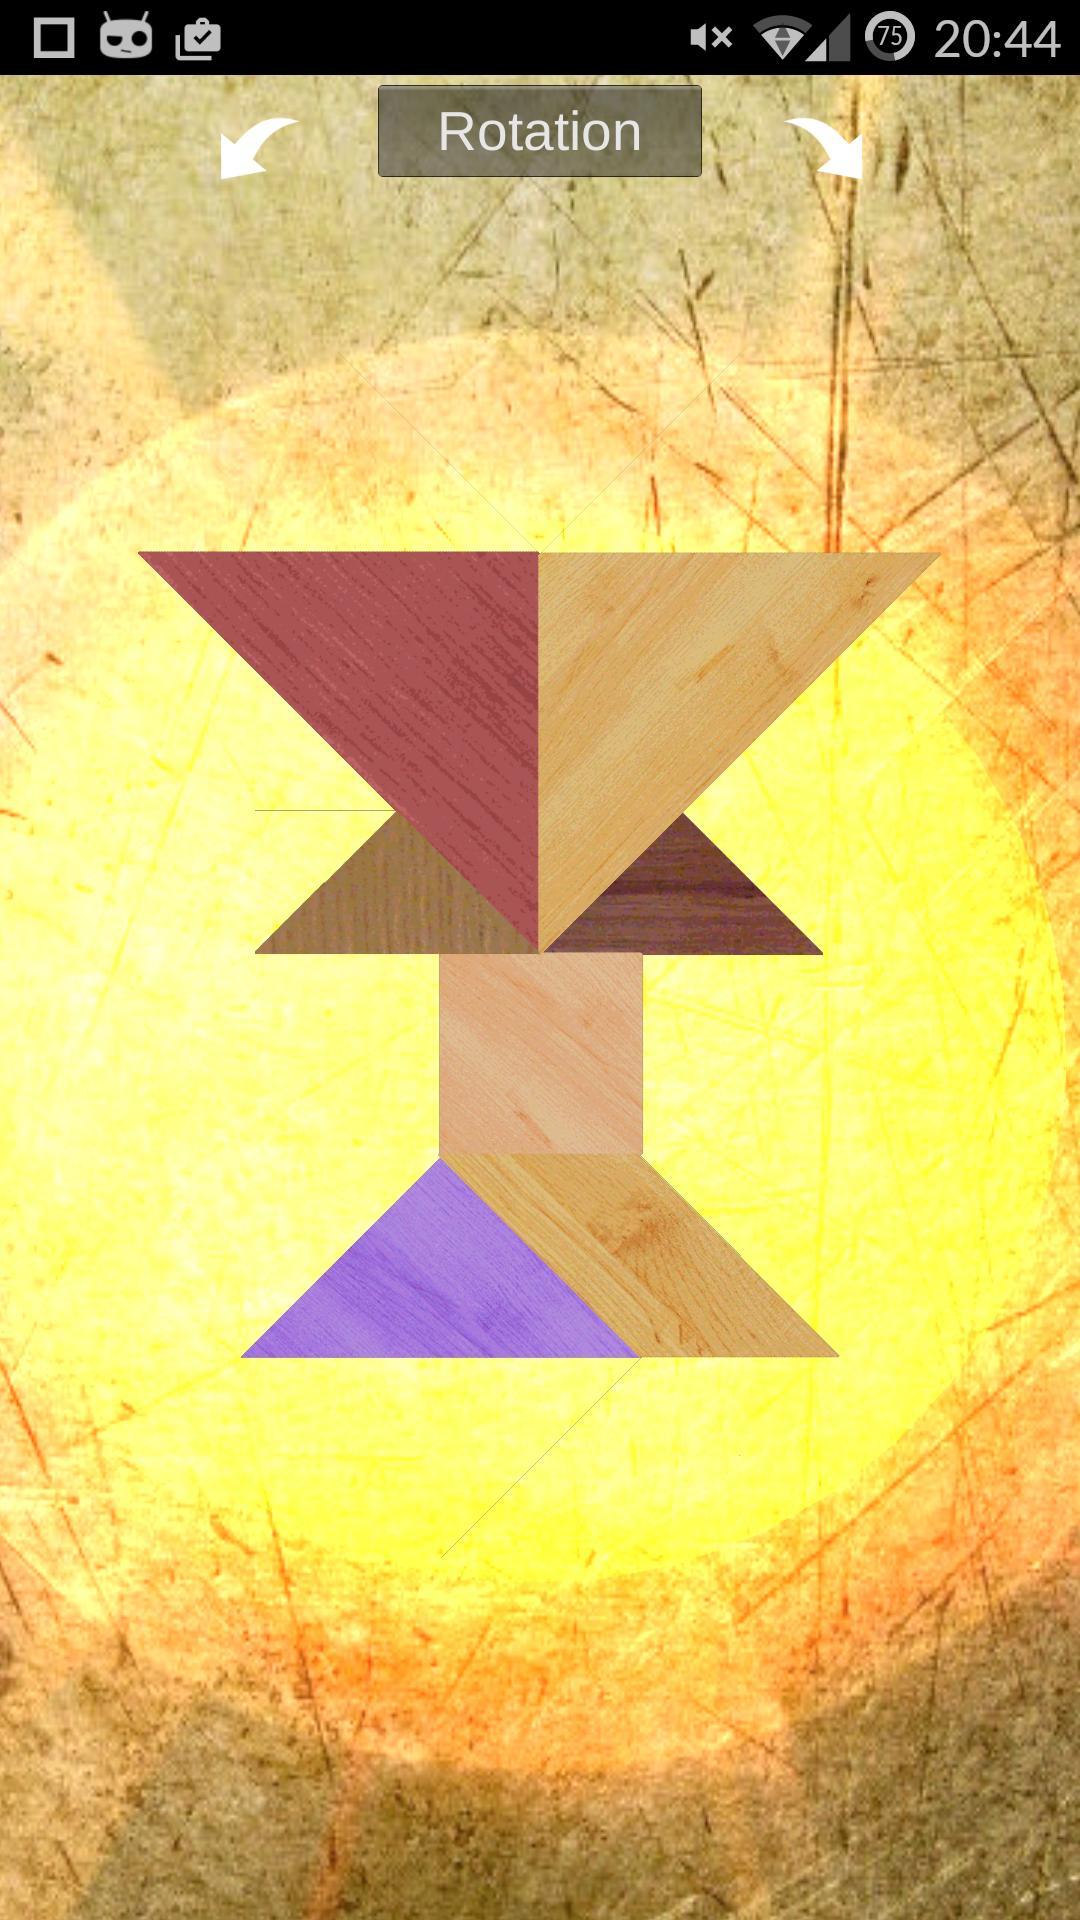 Tangram Gratuit For Android - Apk Download à Jeux De Tangram Gratuit